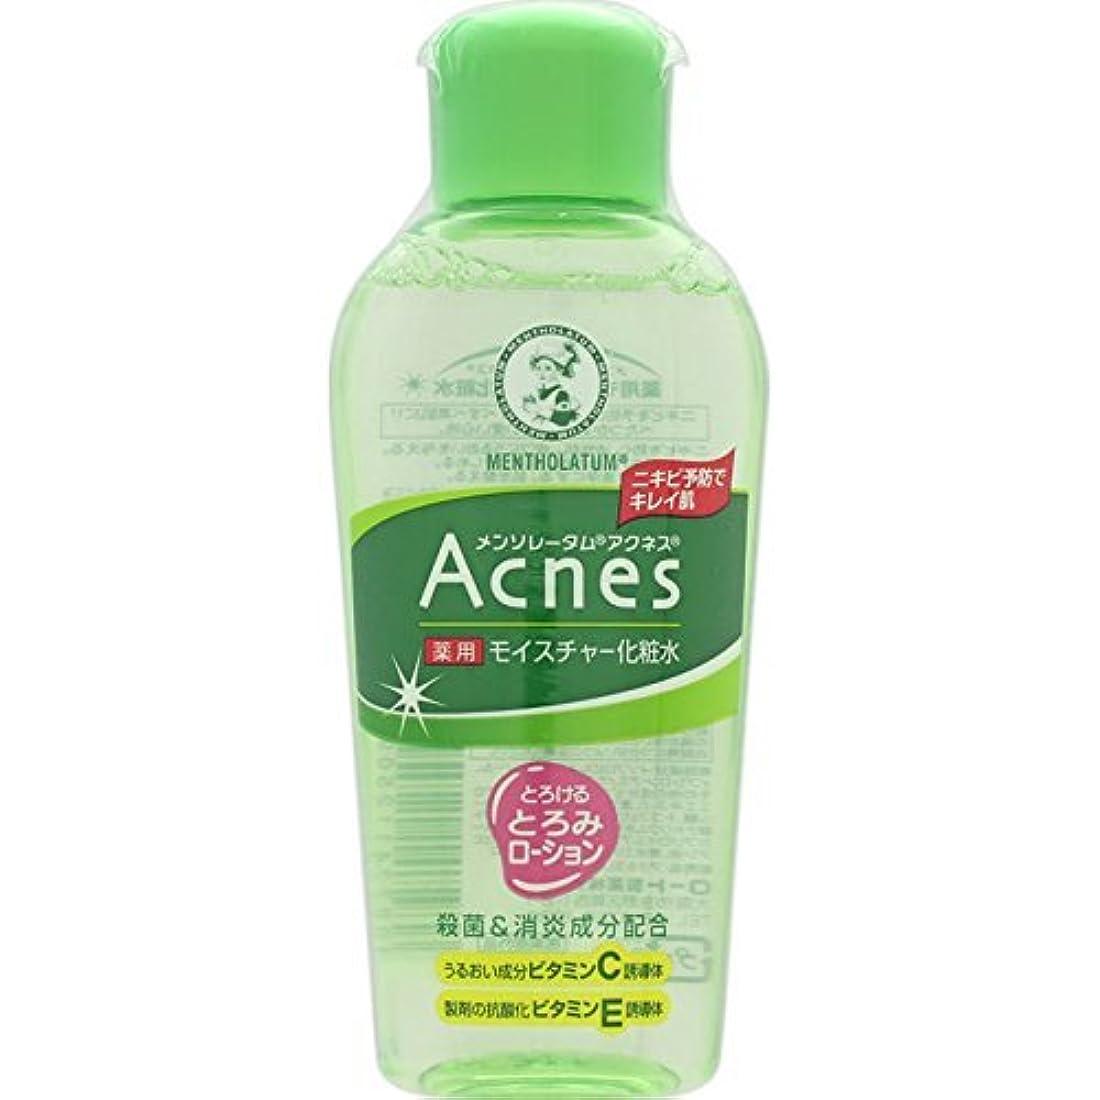 適用する有毒な頼むAcnes(アクネス) 薬用モイスチャー化粧水 120mL【医薬部外品】